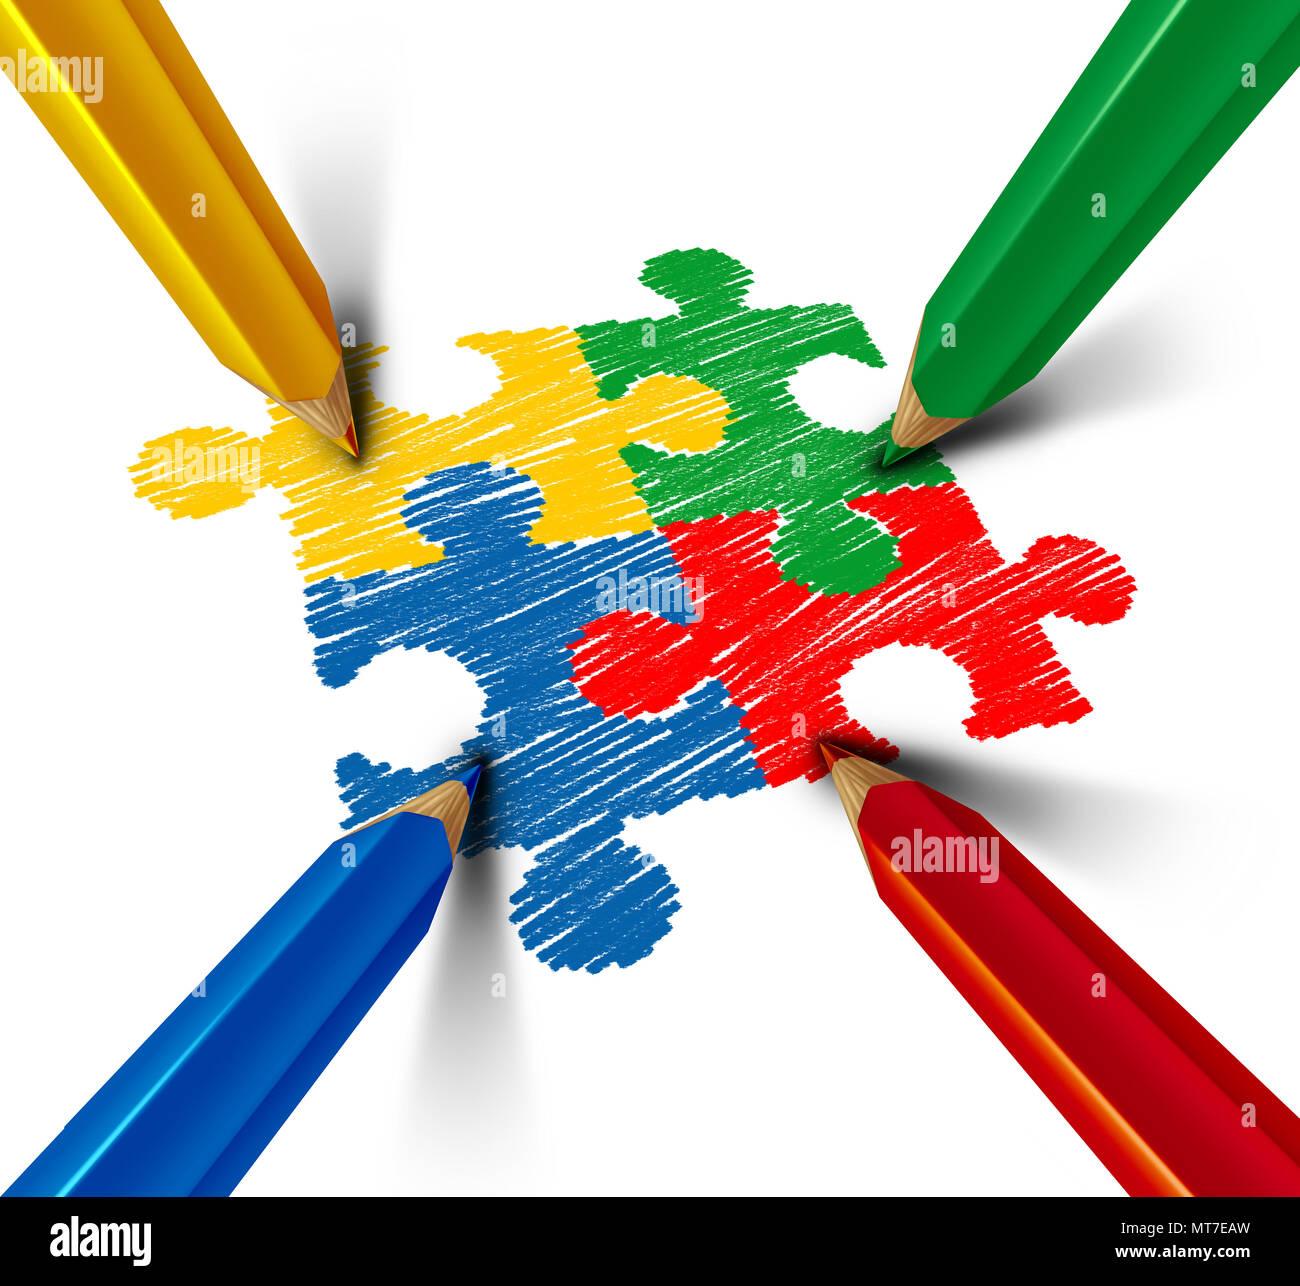 Di sensibilizzazione sull'autismo disturbo di sviluppo puzzle bambini simbolo come un simbolo di autistici come pezzi di puzzle essendo disegnato con matita colorata. Immagini Stock